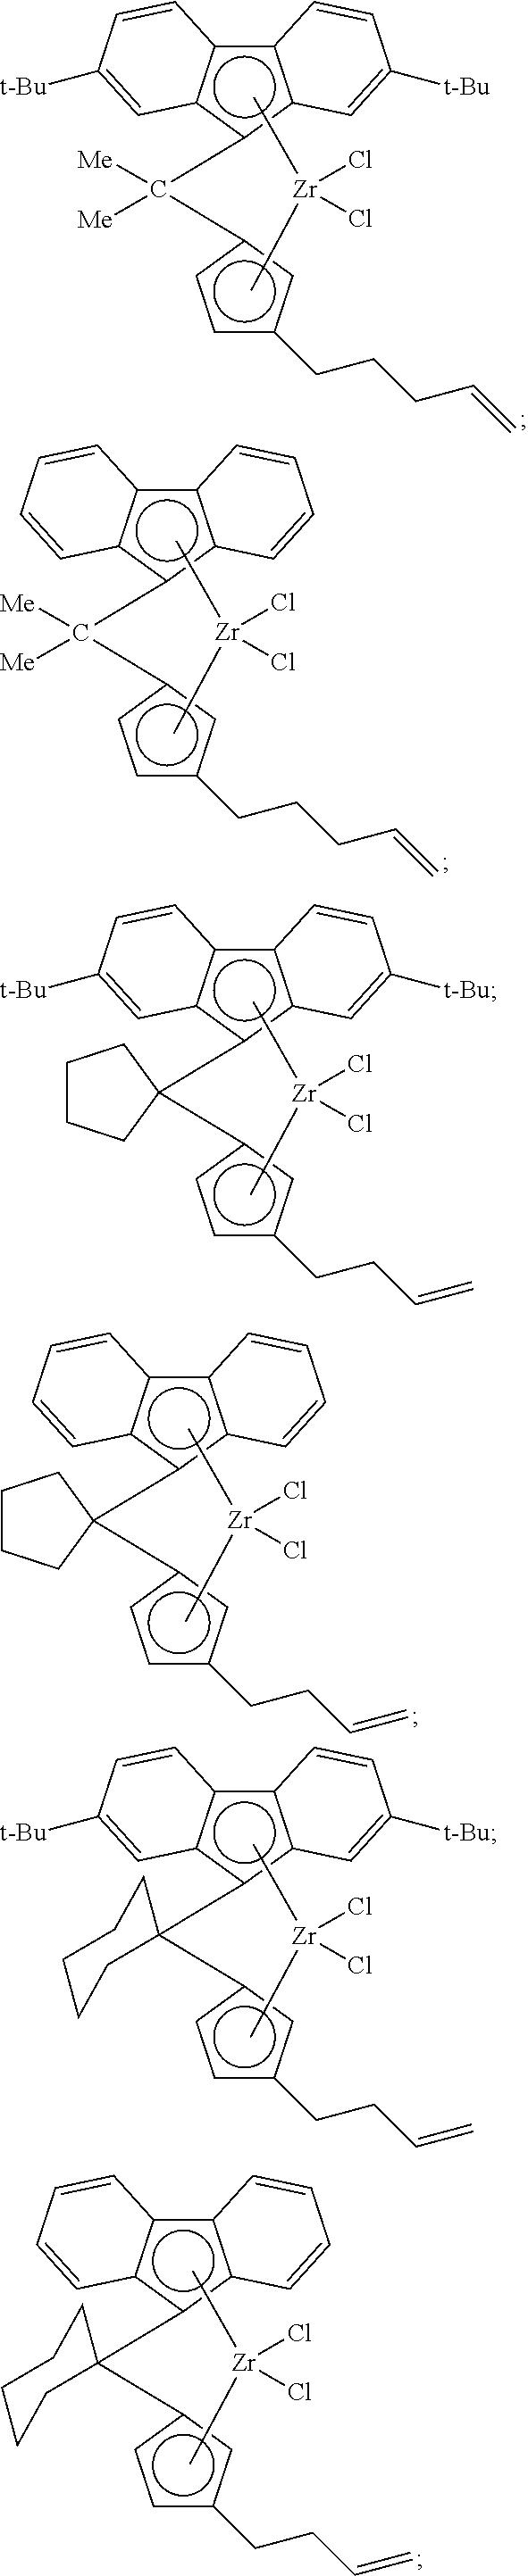 Figure US08288487-20121016-C00026